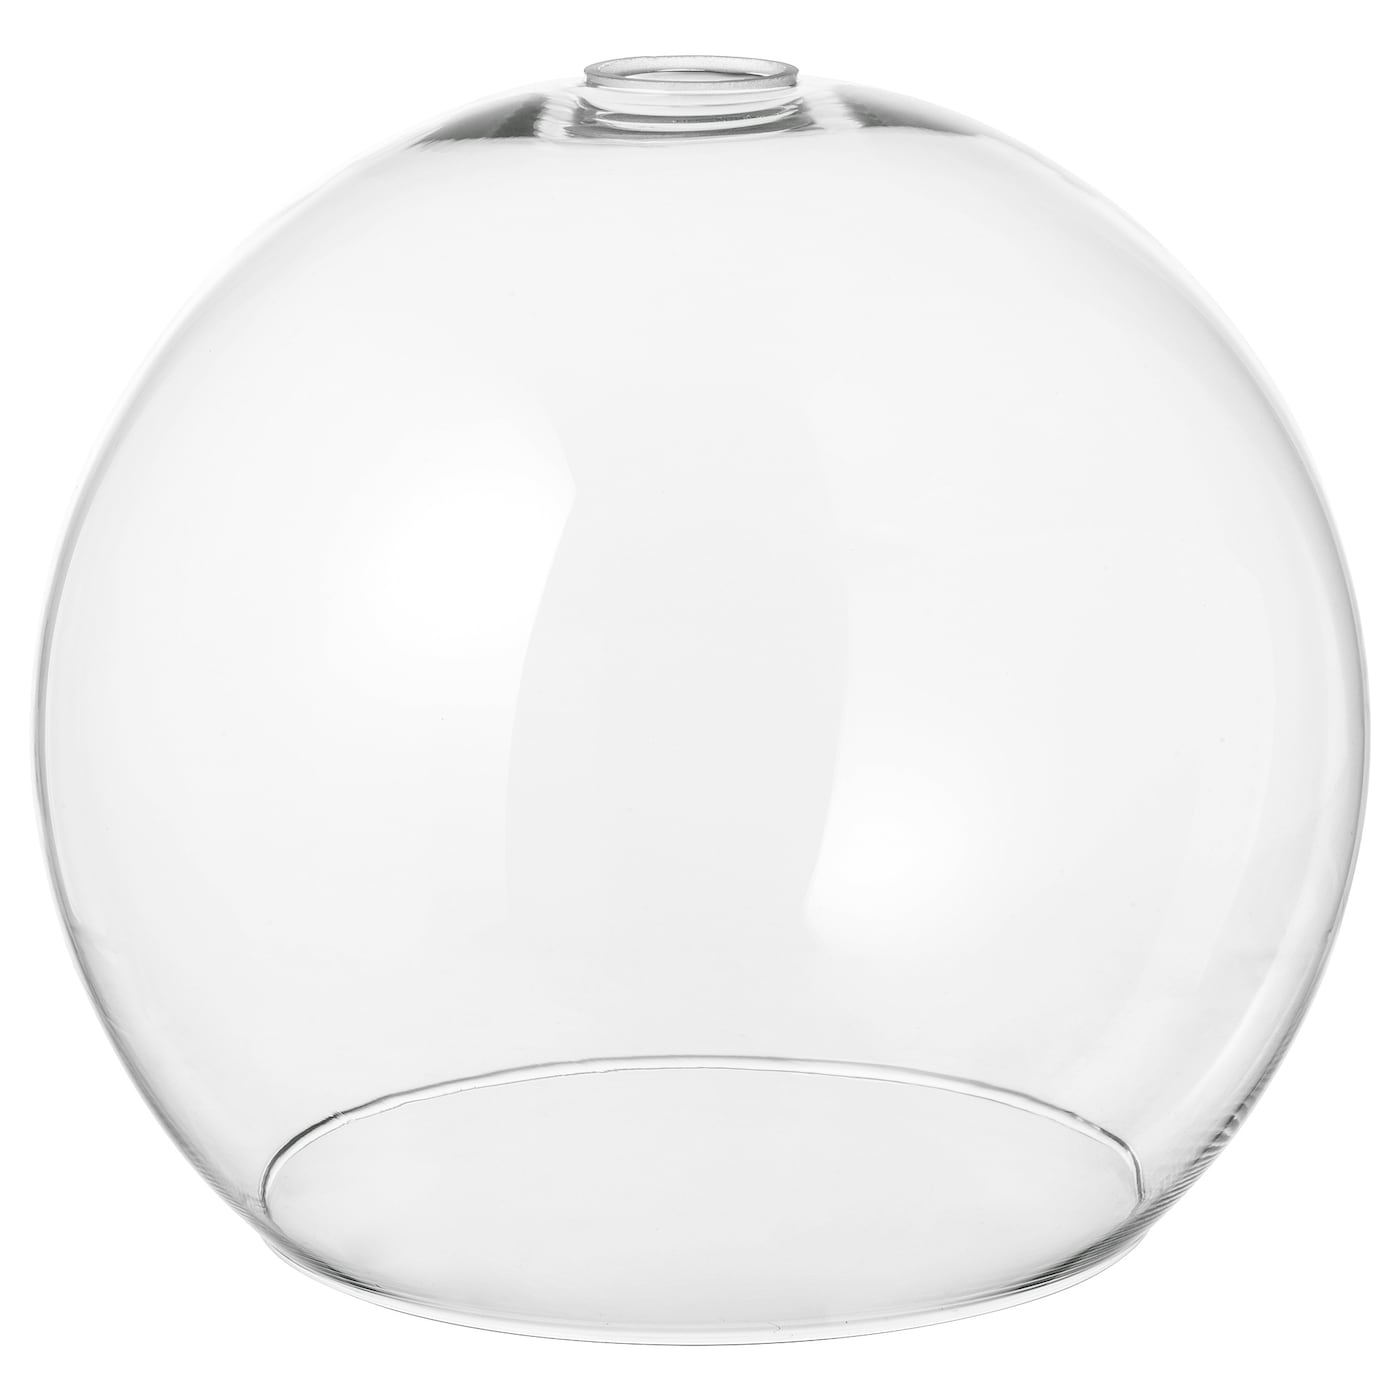 Pantallas De Lámparas Diseña Tu Propia Lámpara Compra Online Ikea